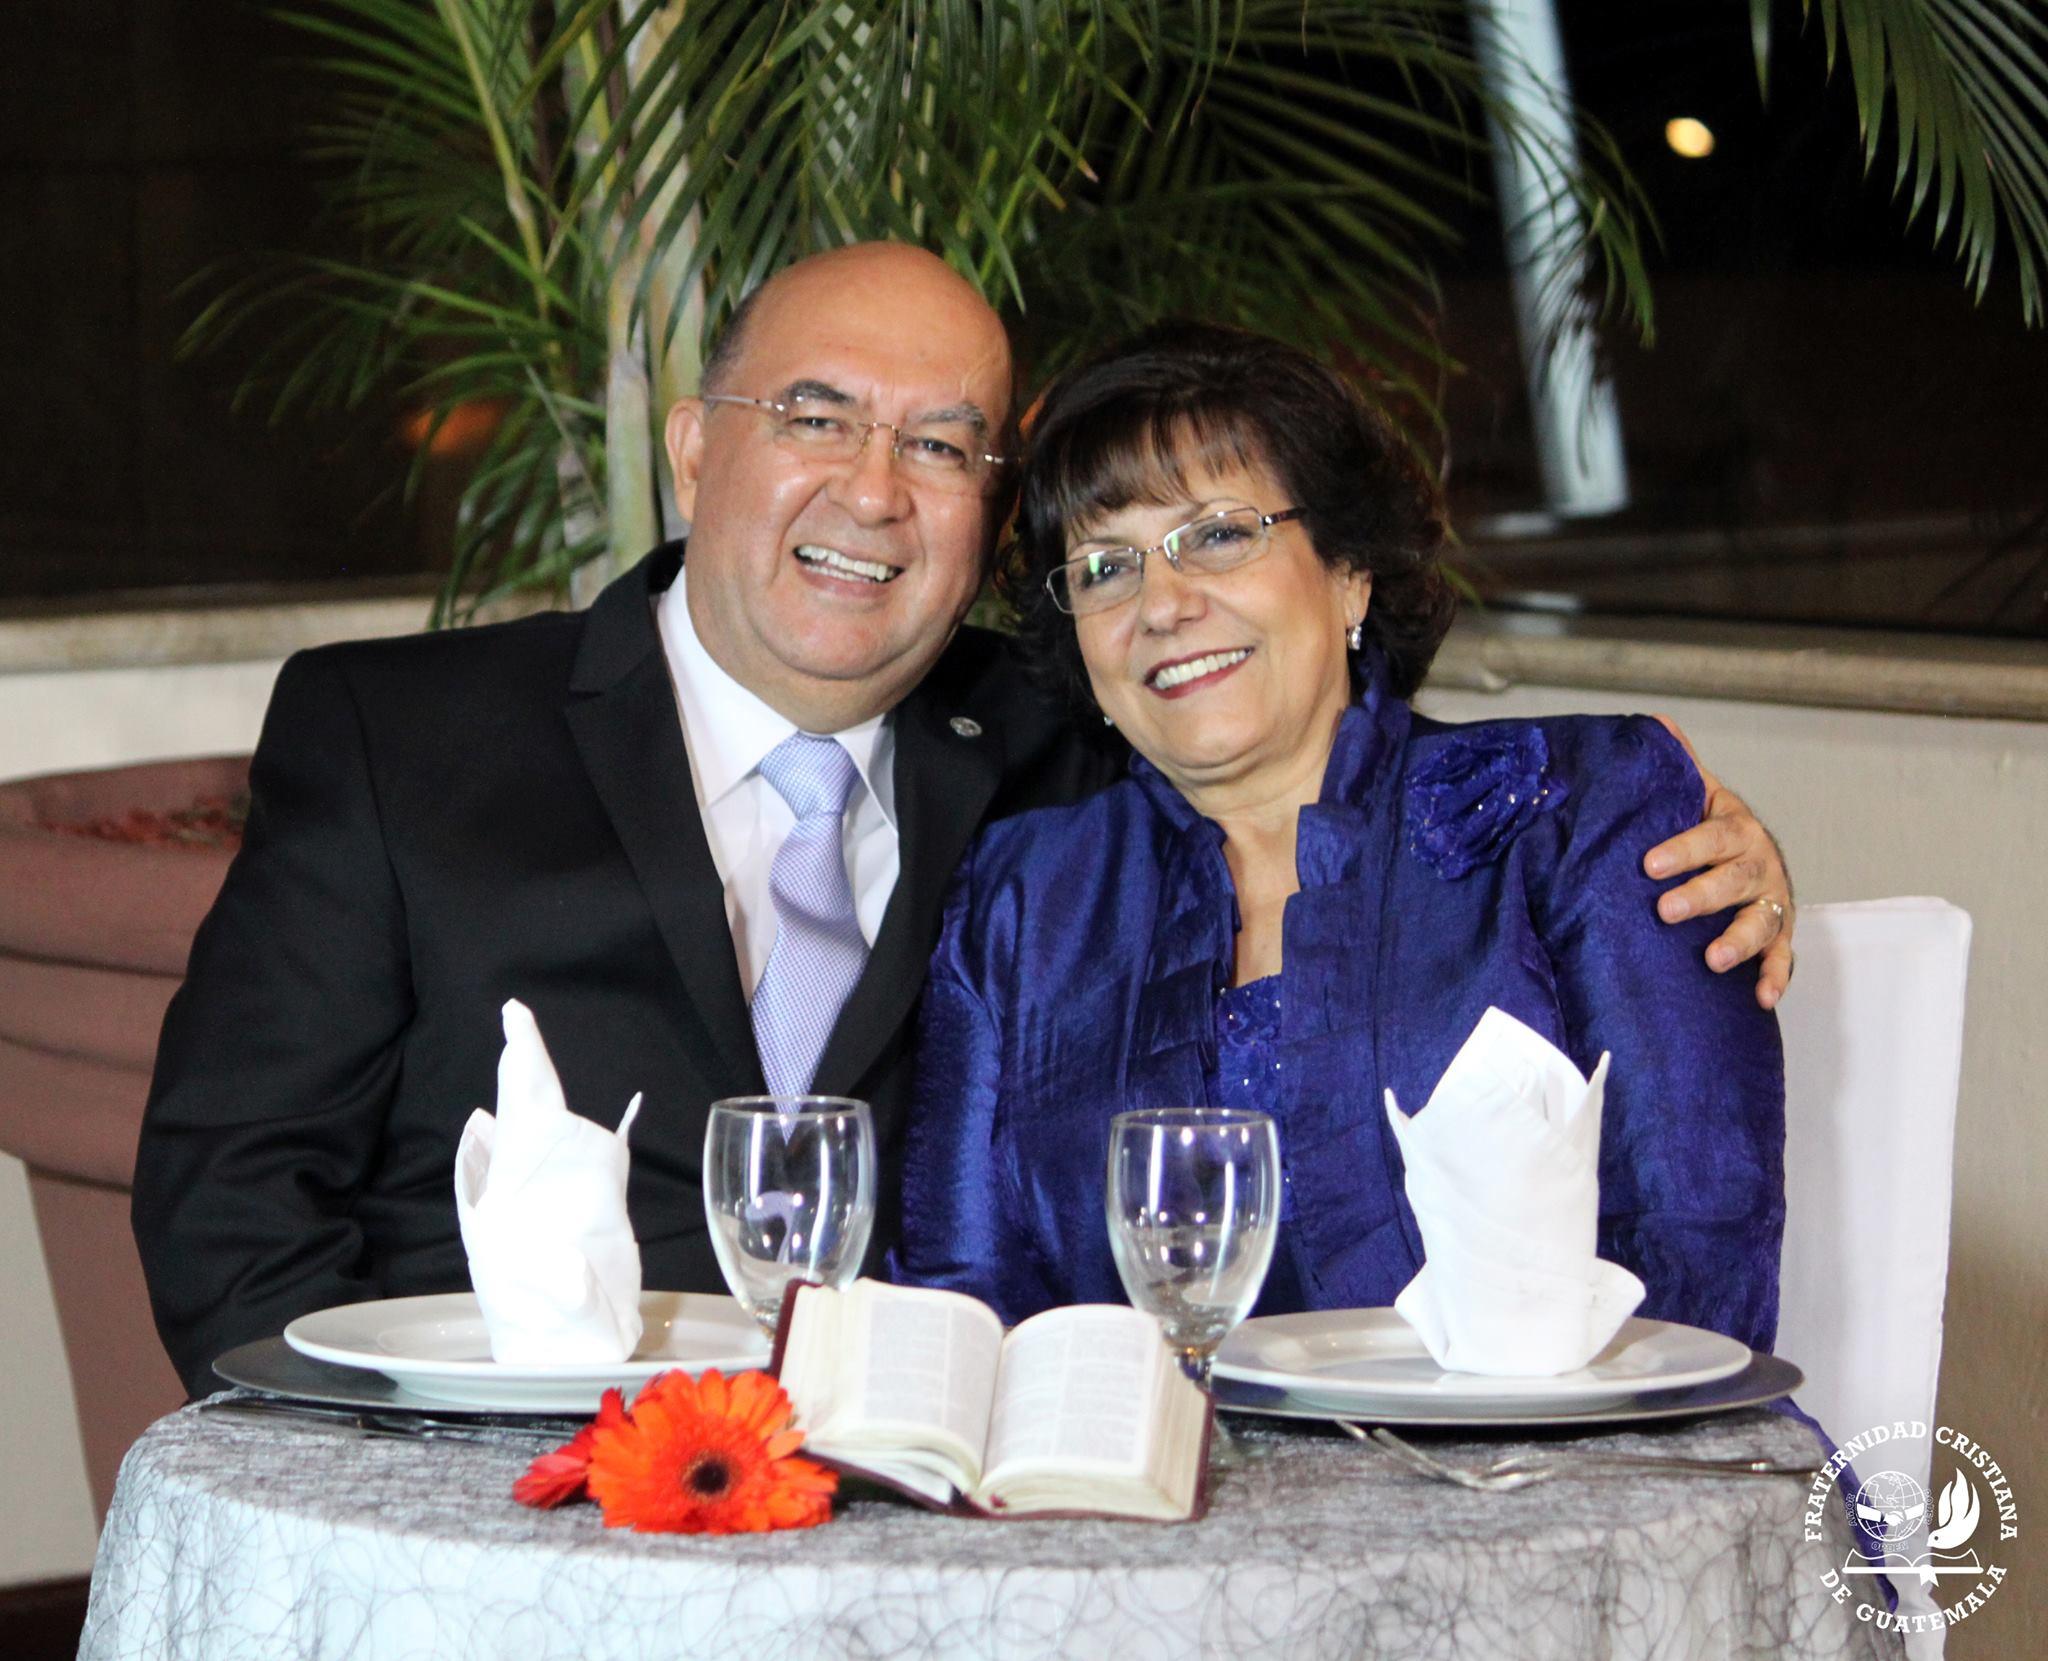 Matrimonios Catolicos Guatemala : Mis papás cumplen años de matrimonio y les comparto